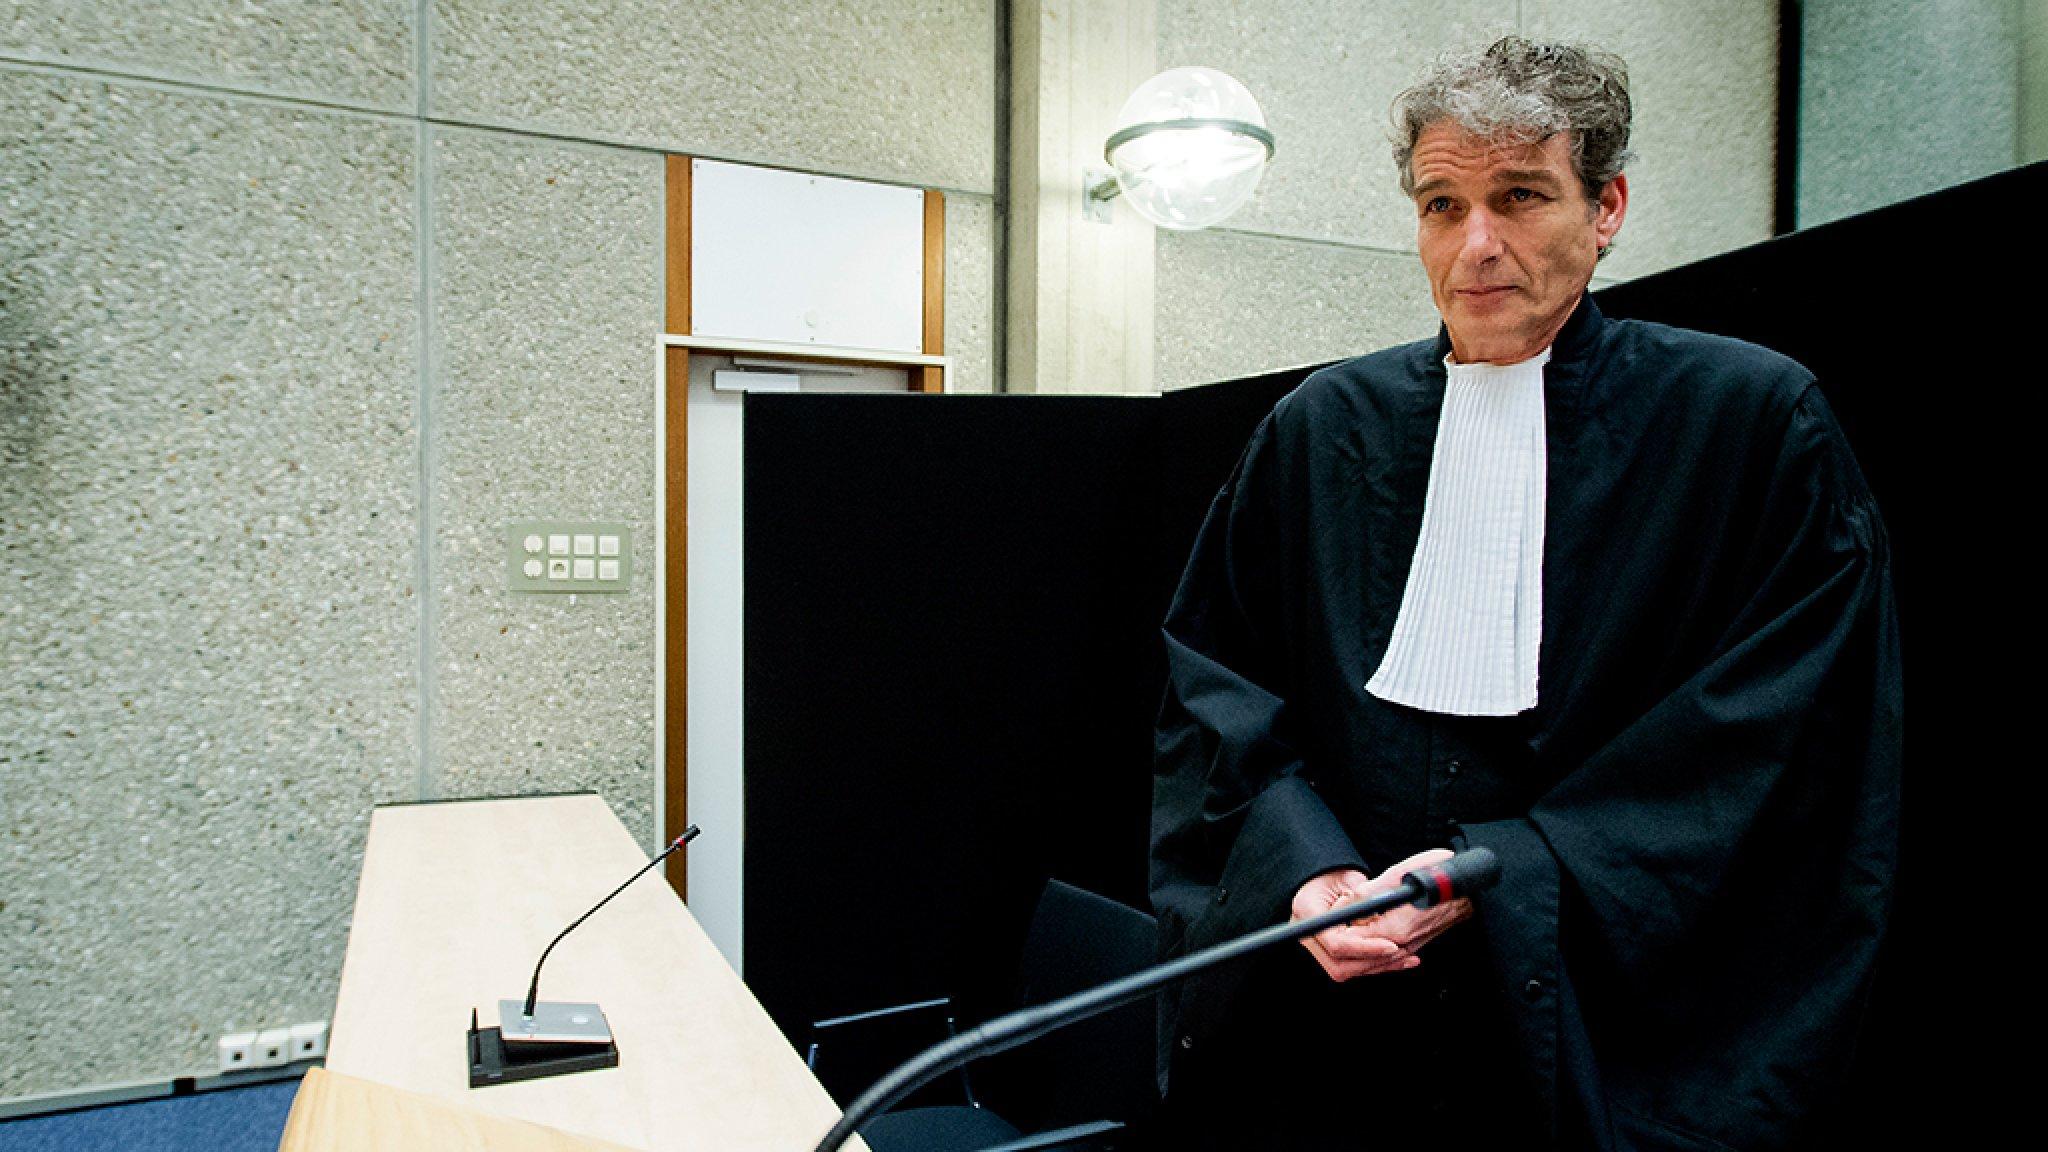 DolfijnFM | Verdediging Jamaloodin vindt proces oneerlijk